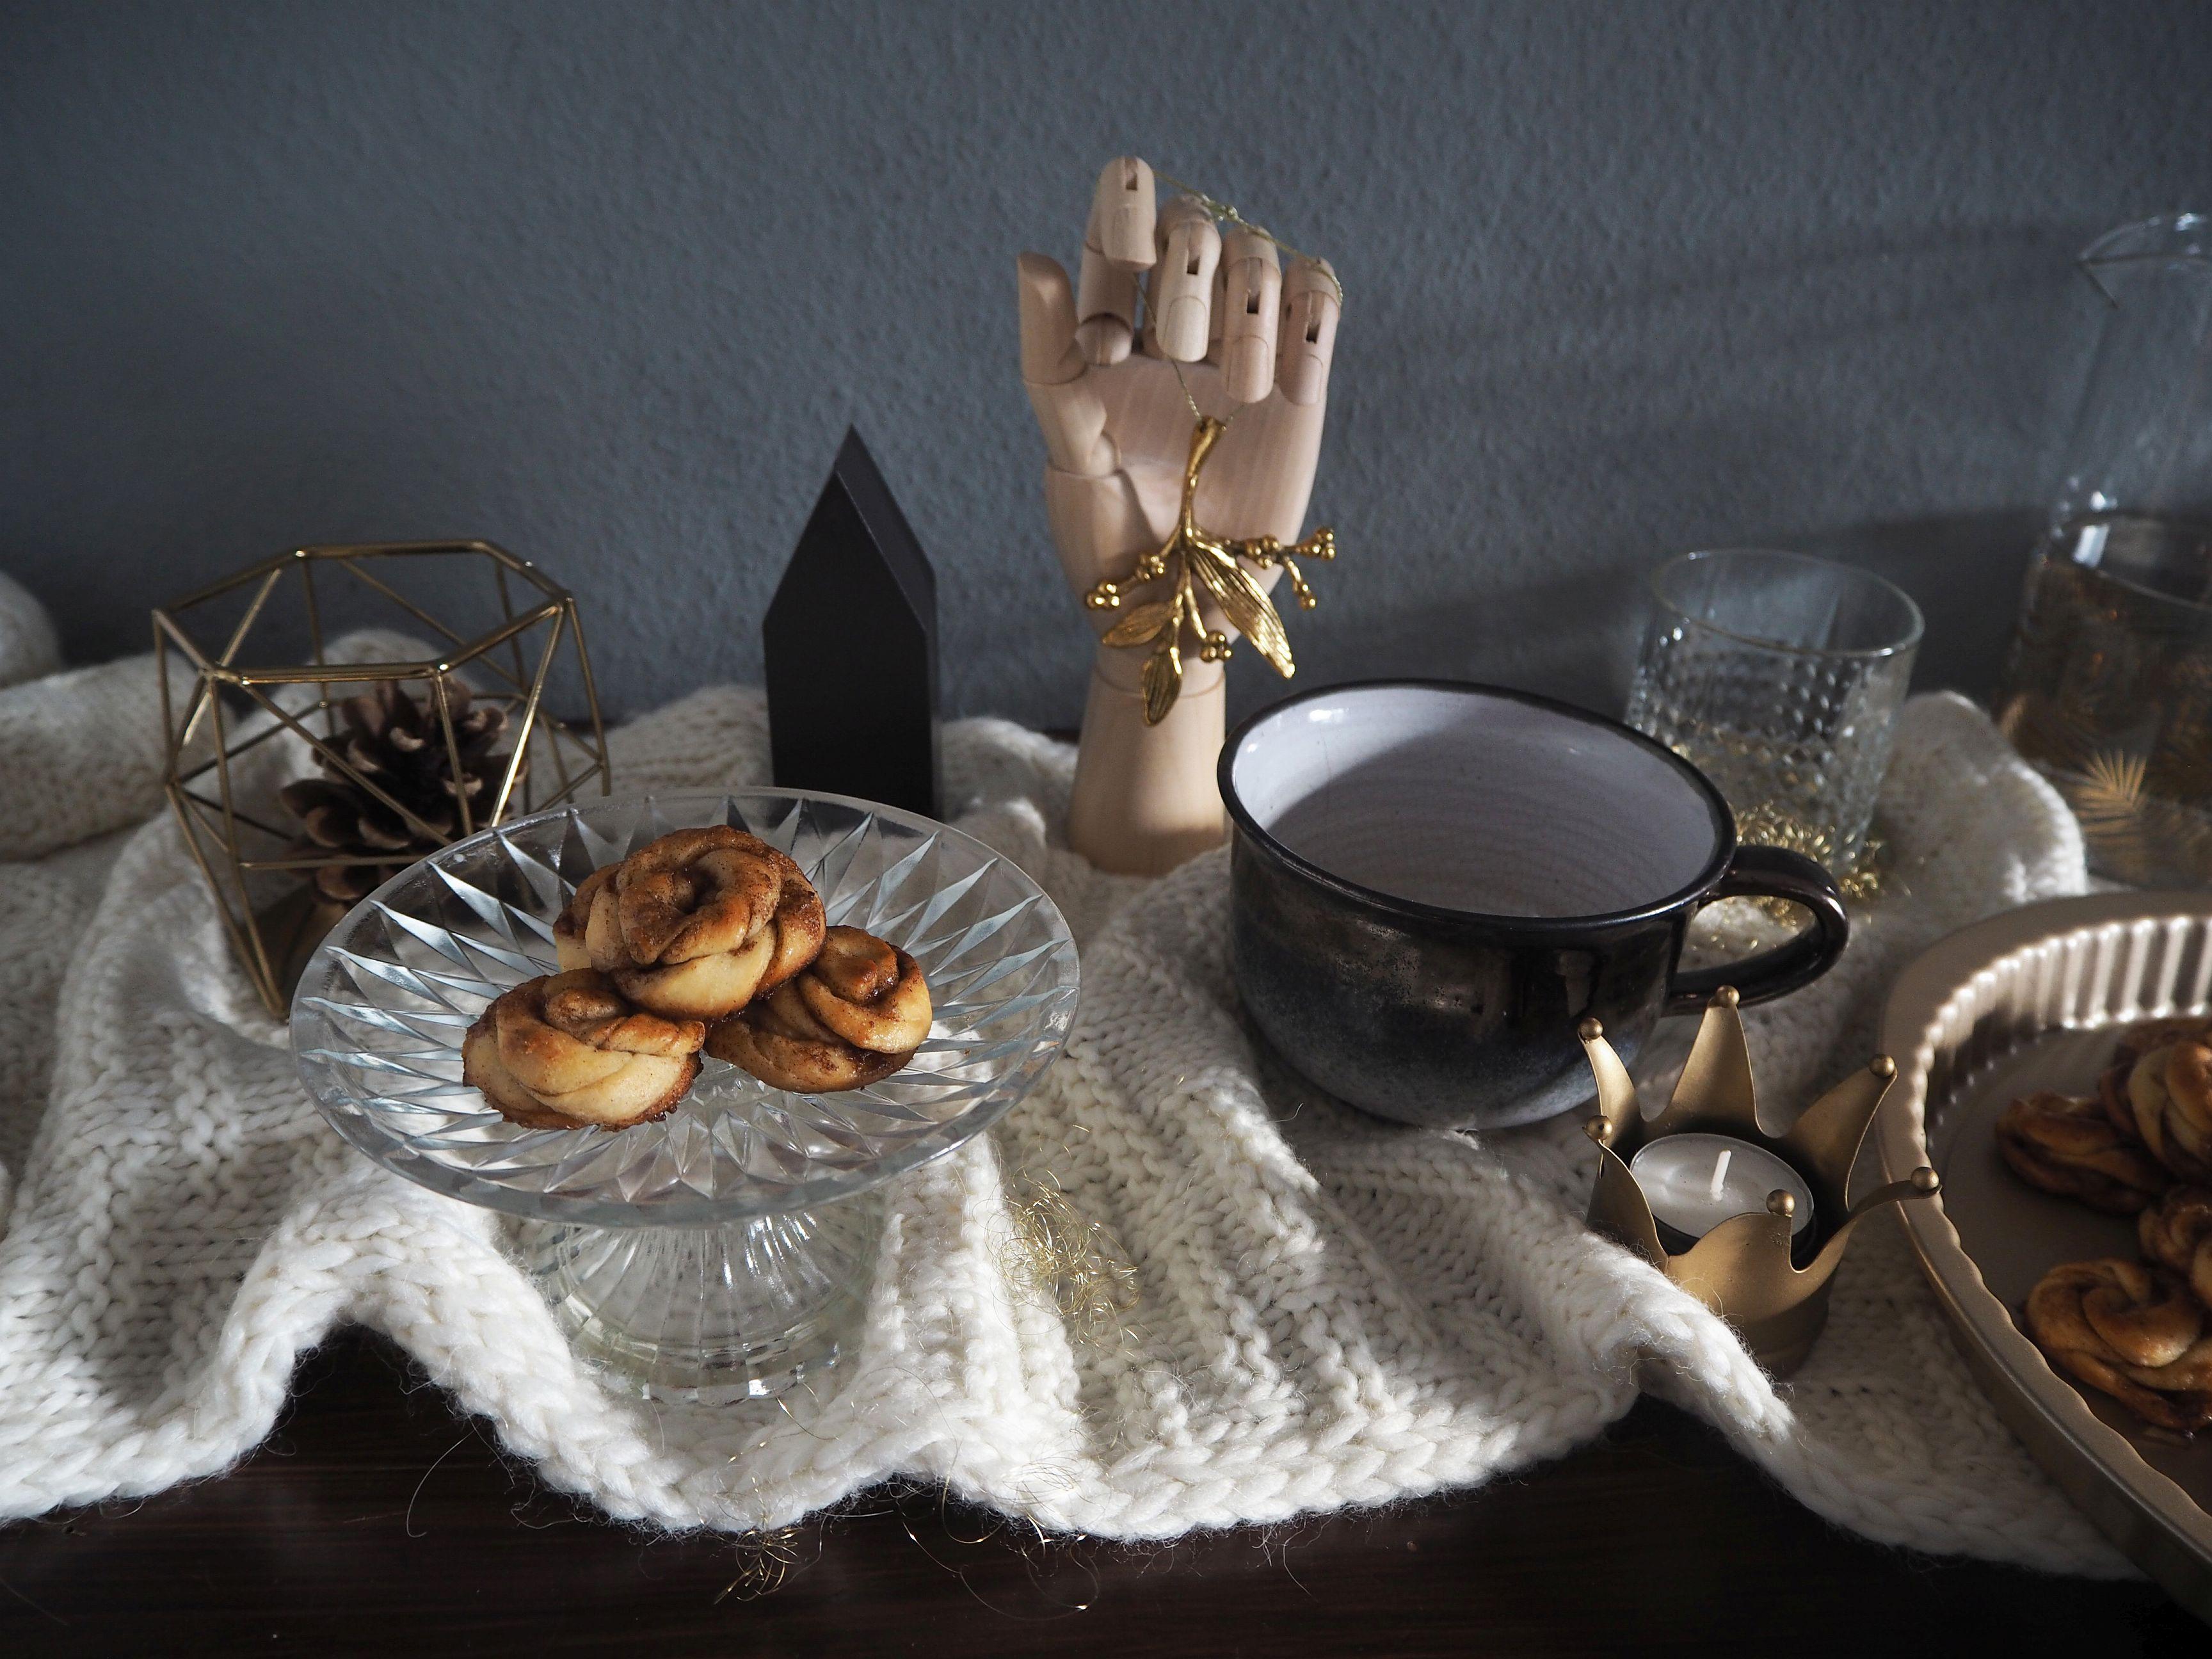 2017-12-skoen-och-kreativ-adventskalender-cookie-cake-love-mini-kanelbullar (6)